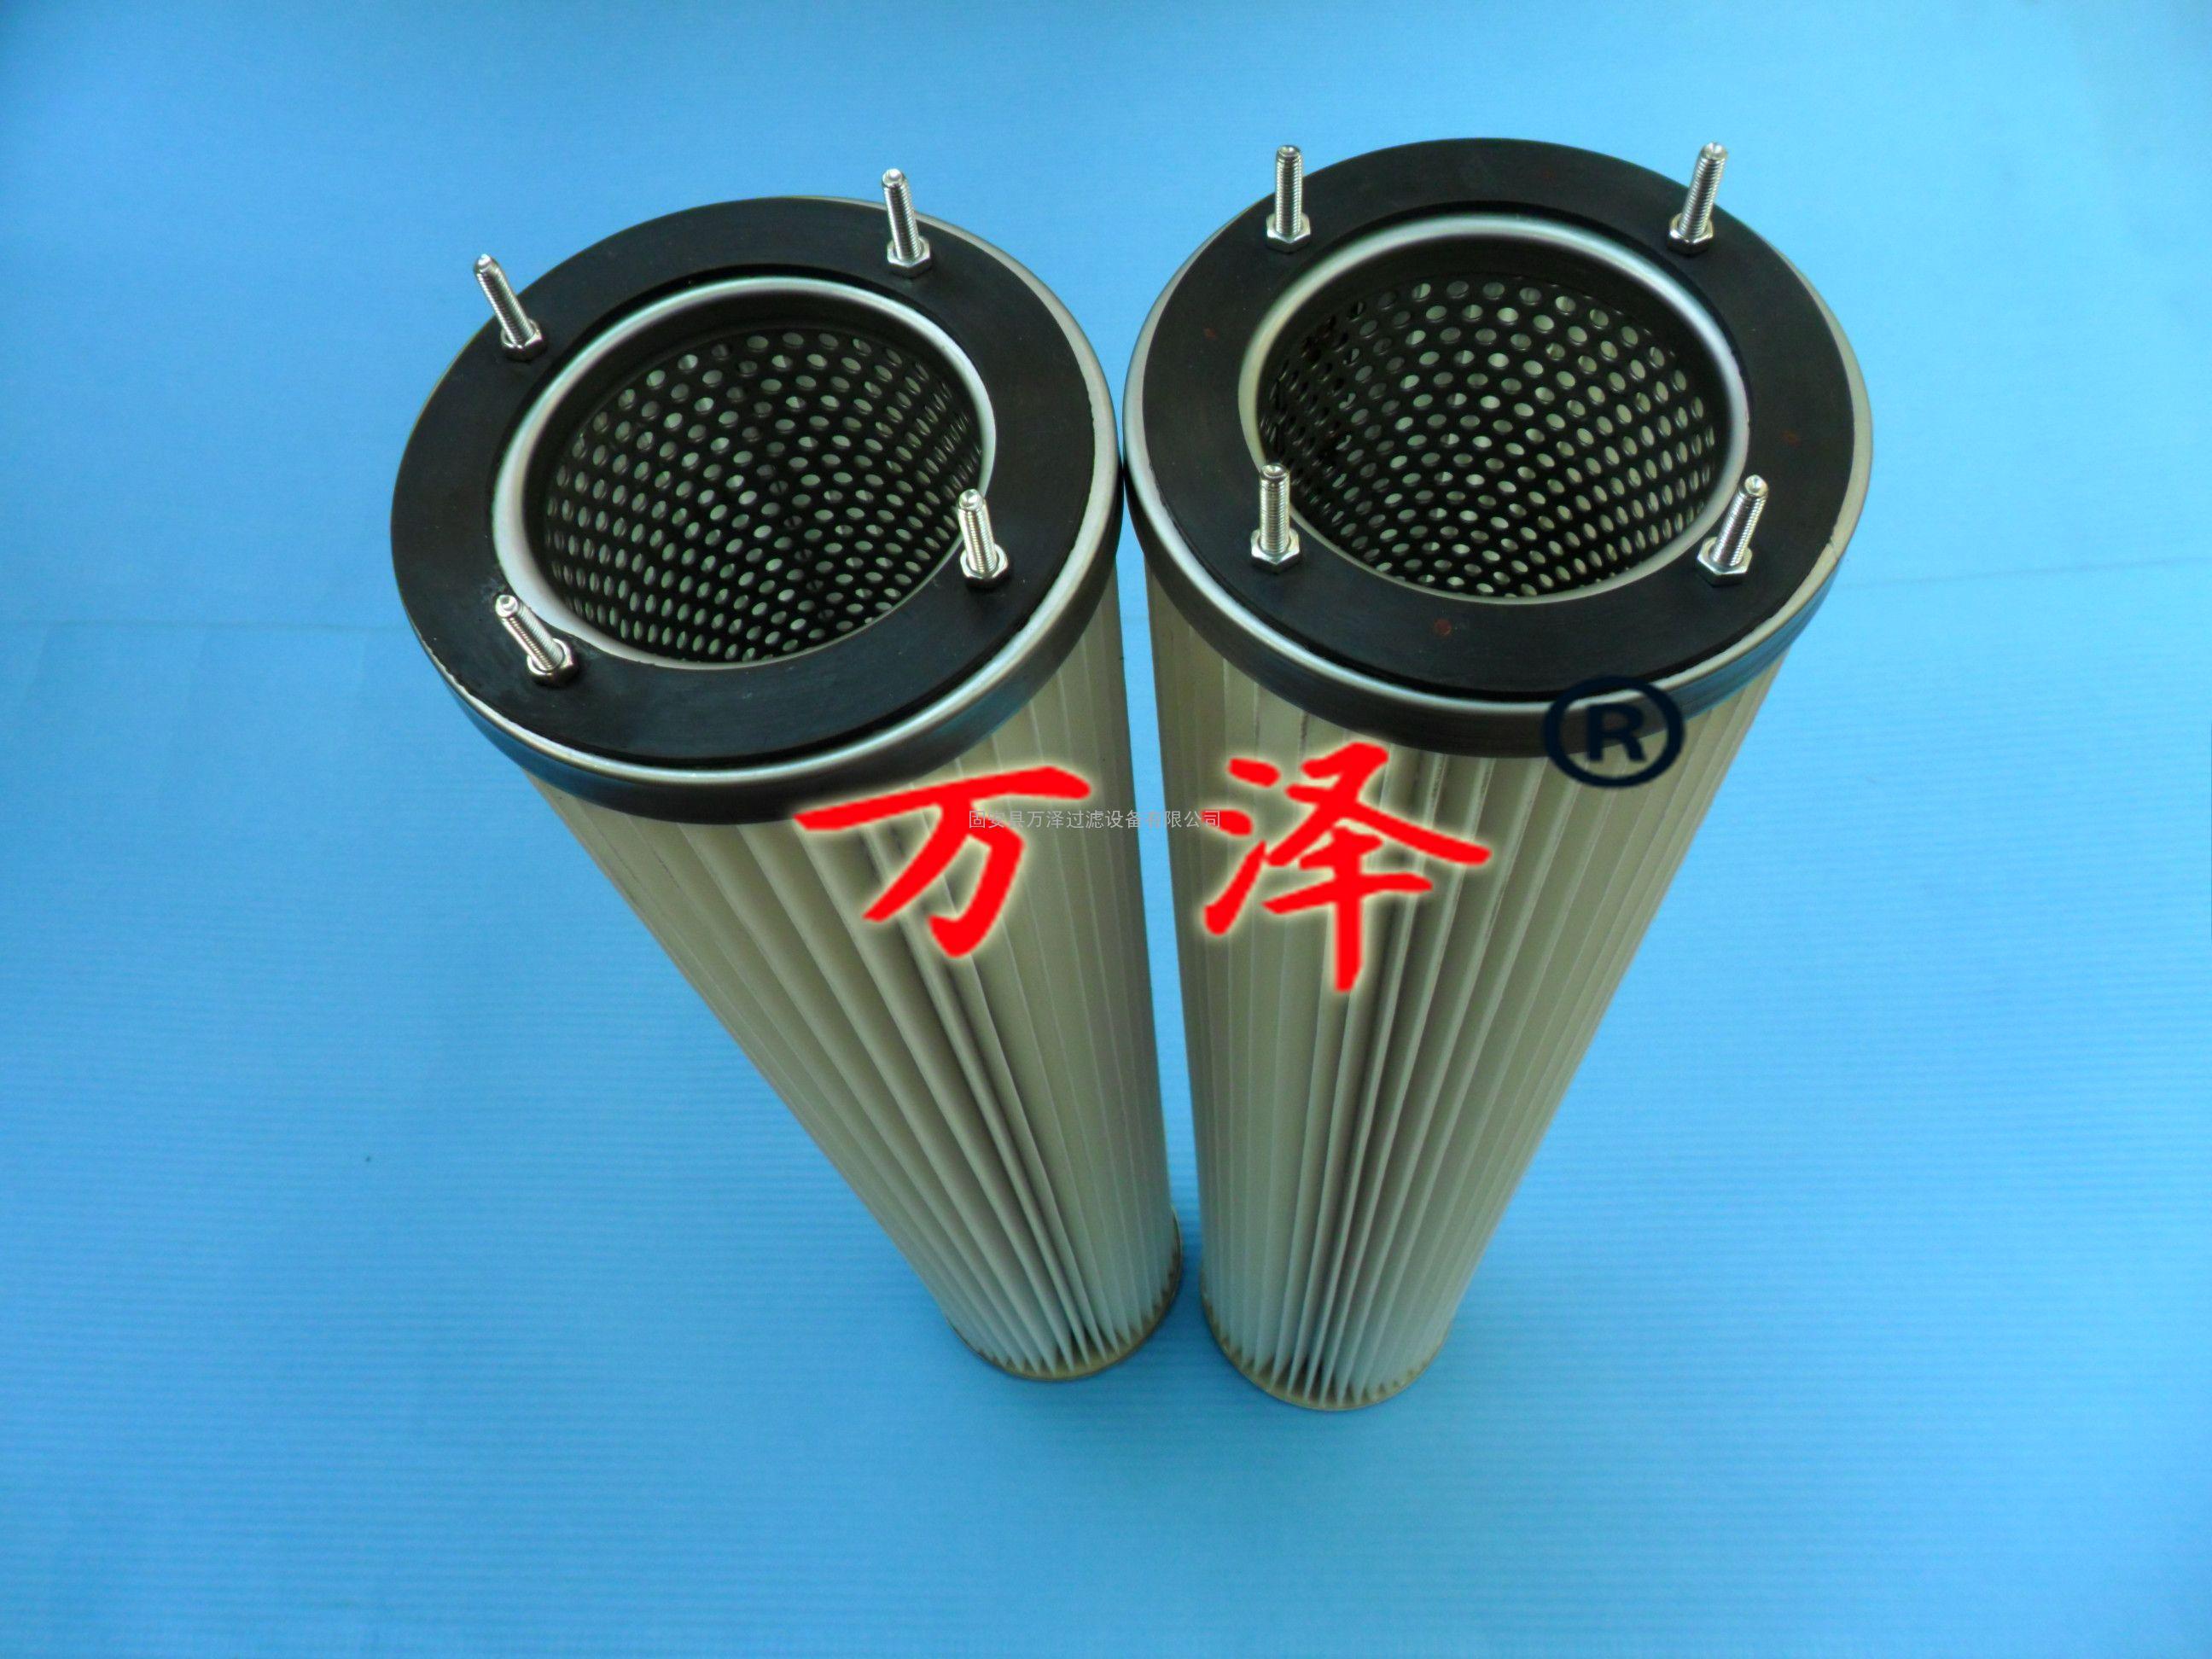 【螺丝吊装除尘滤芯】_螺丝吊装除尘滤芯生产厂家